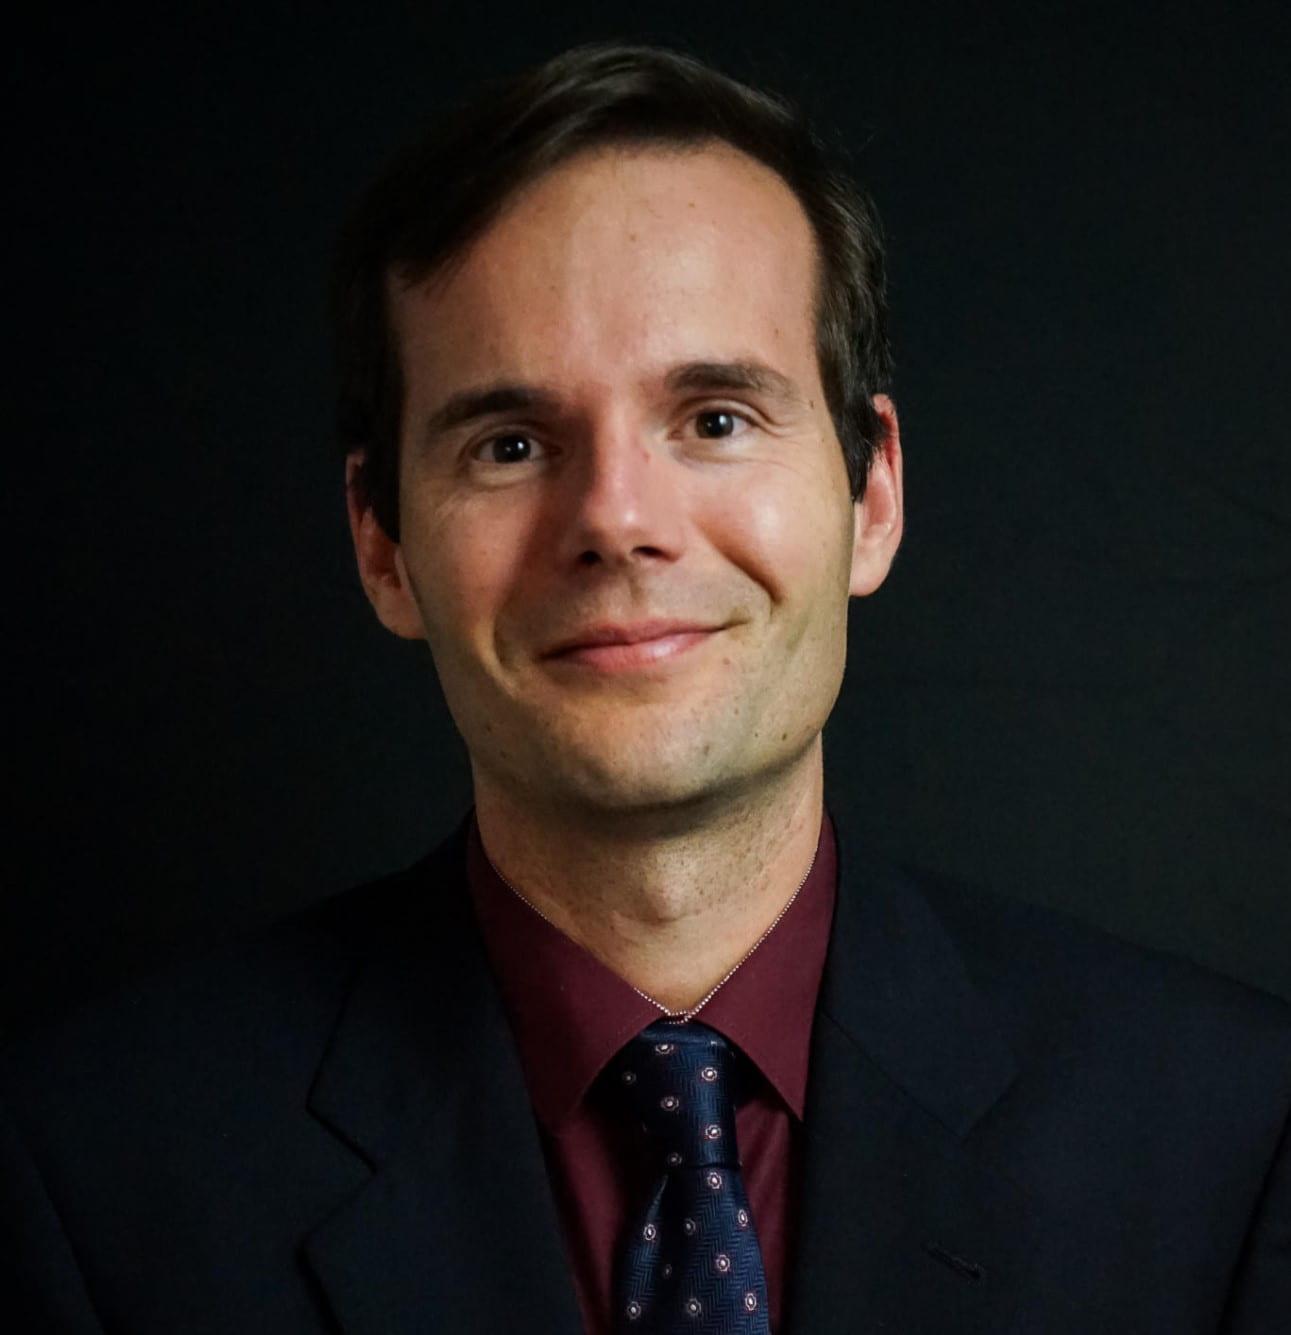 Tobias Greiff